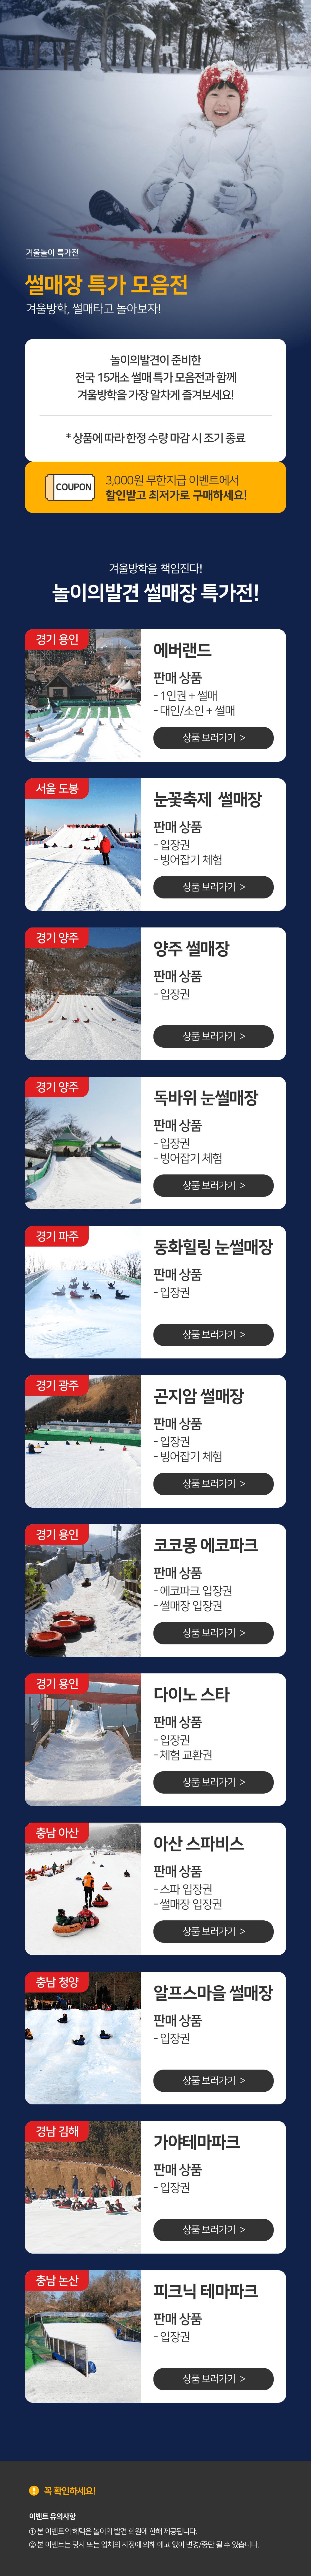 1월  썰매장 특가모음전